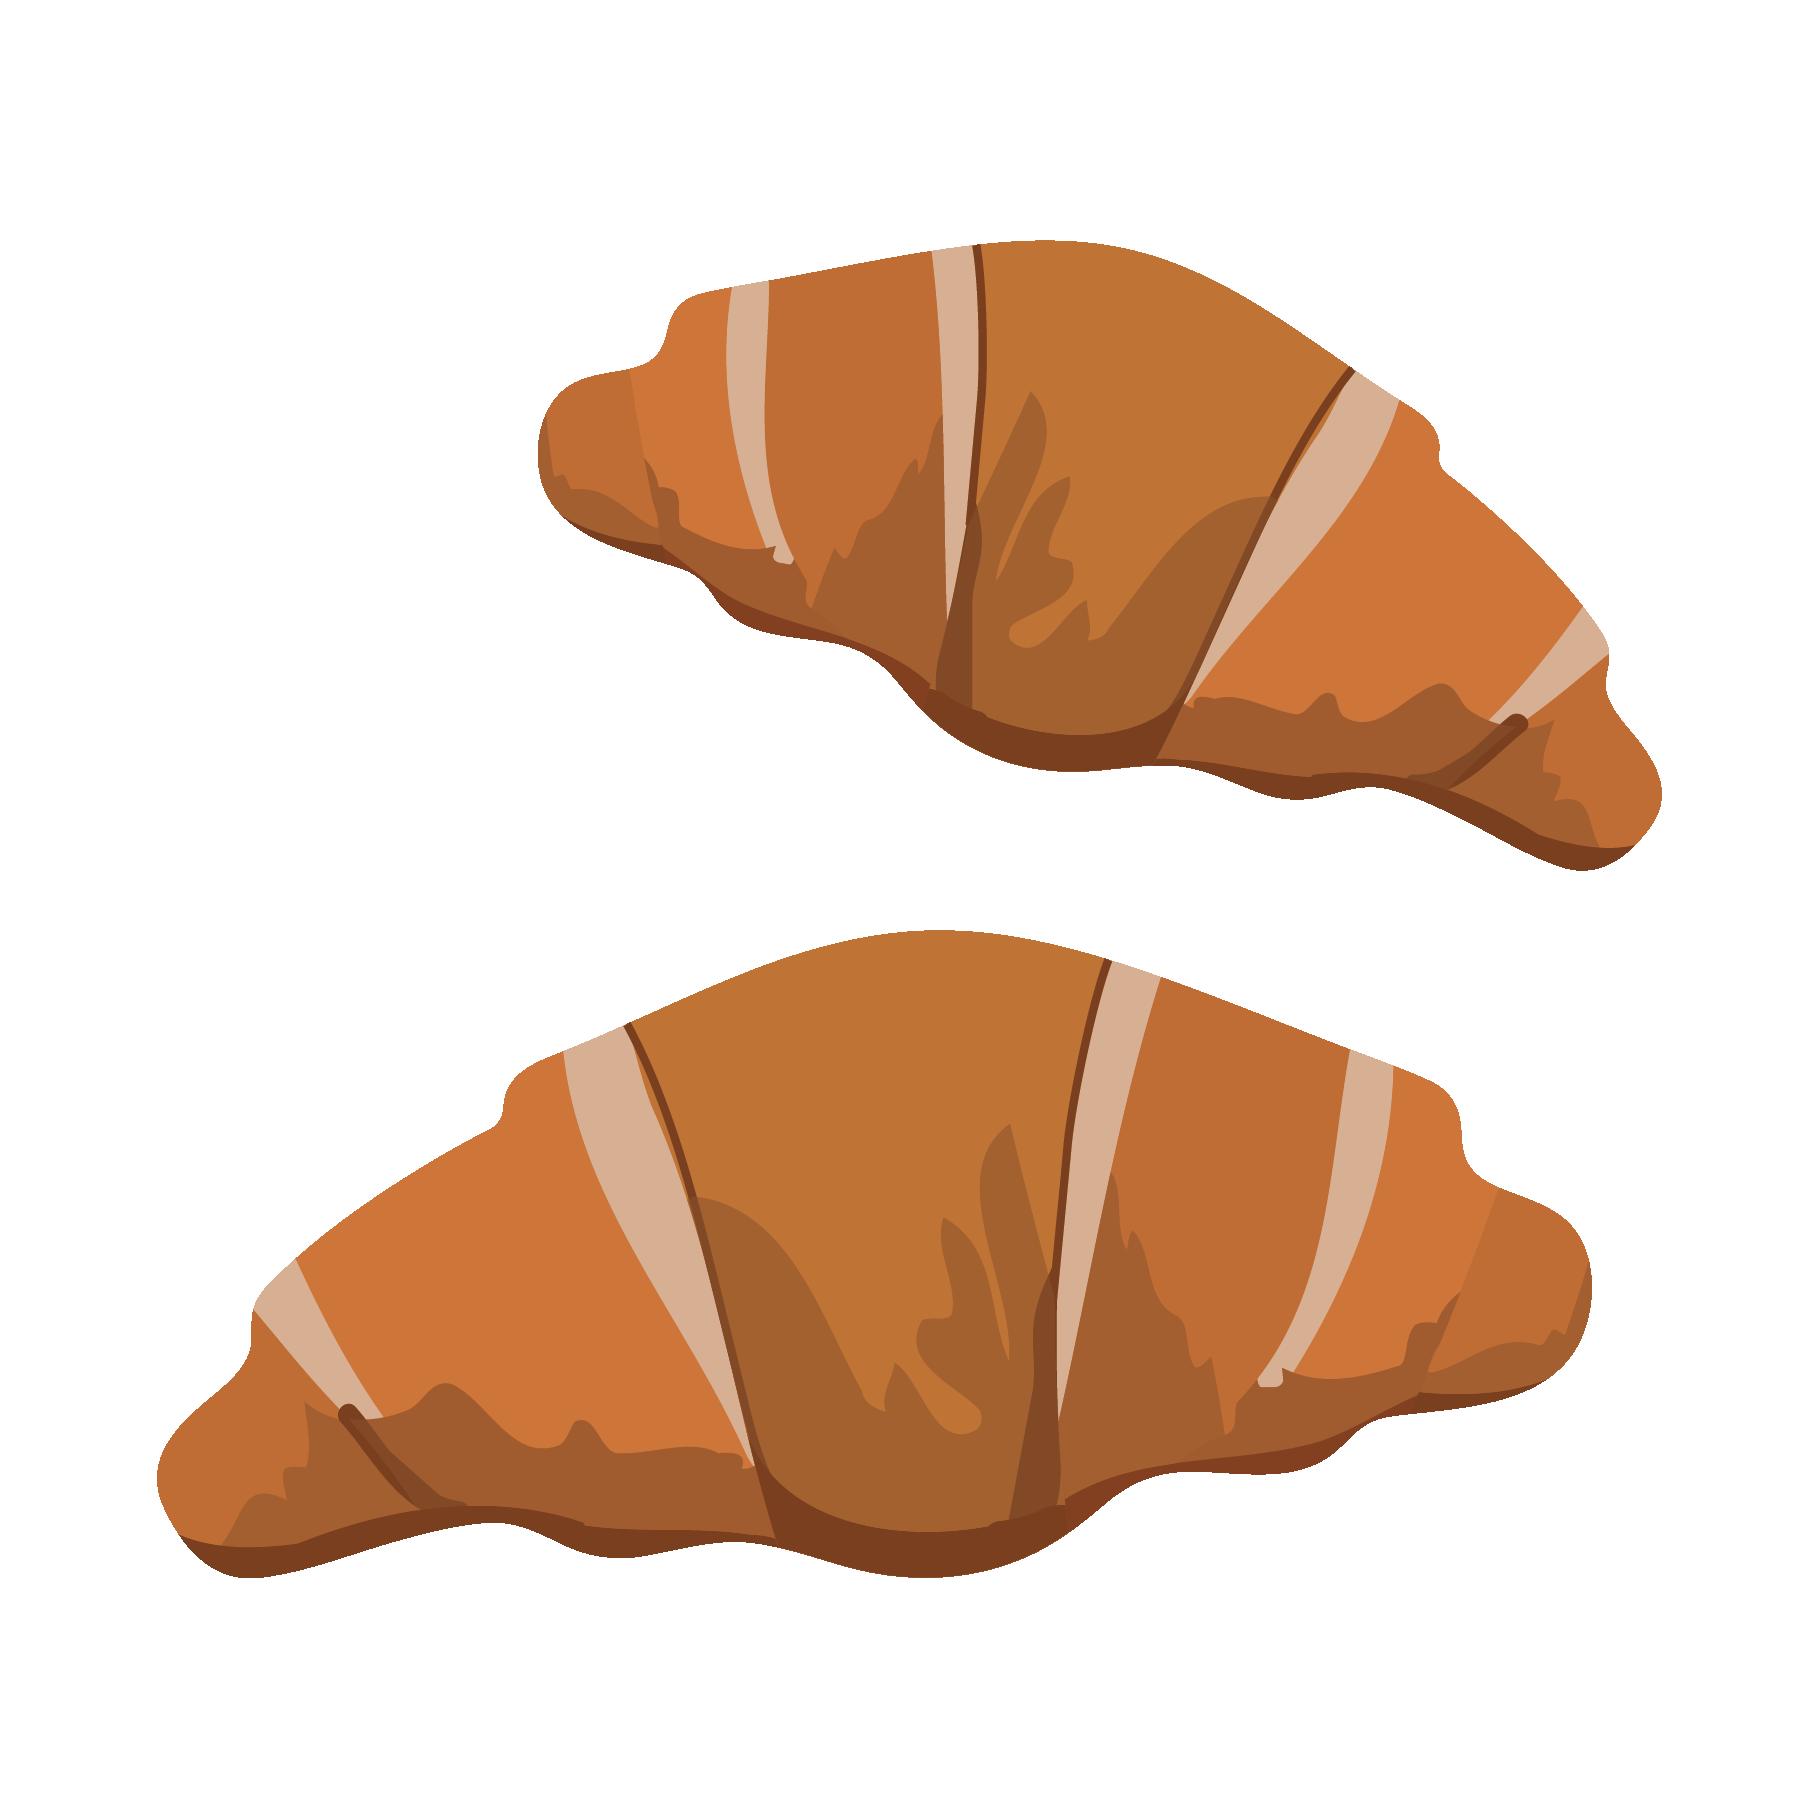 クロワッサン(くろわっさん)パンのイラスト | 商用フリー(無料)の